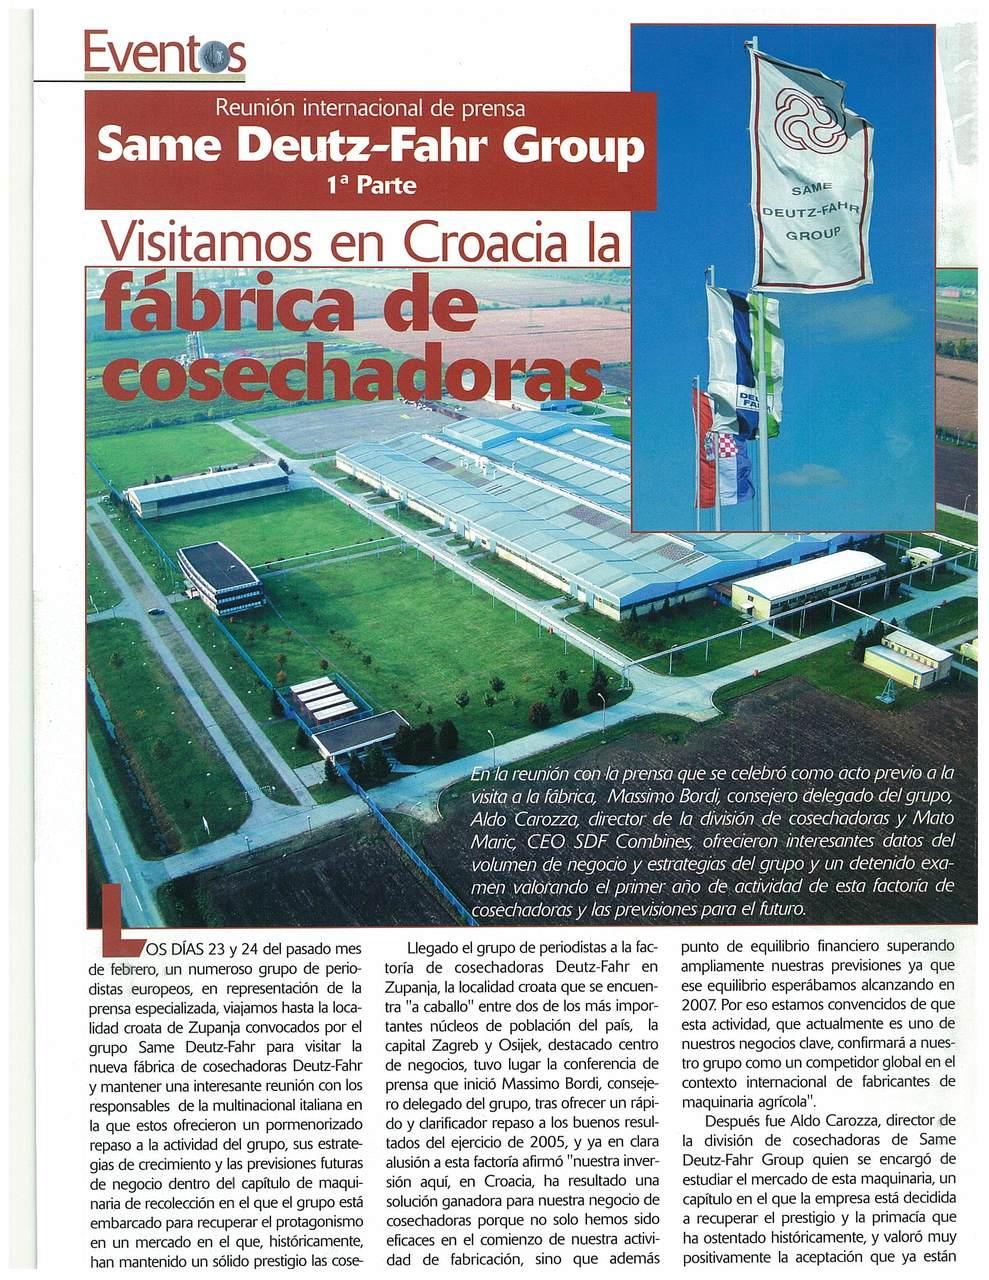 Visitamos en Croacia la fabrica de cosechadoras